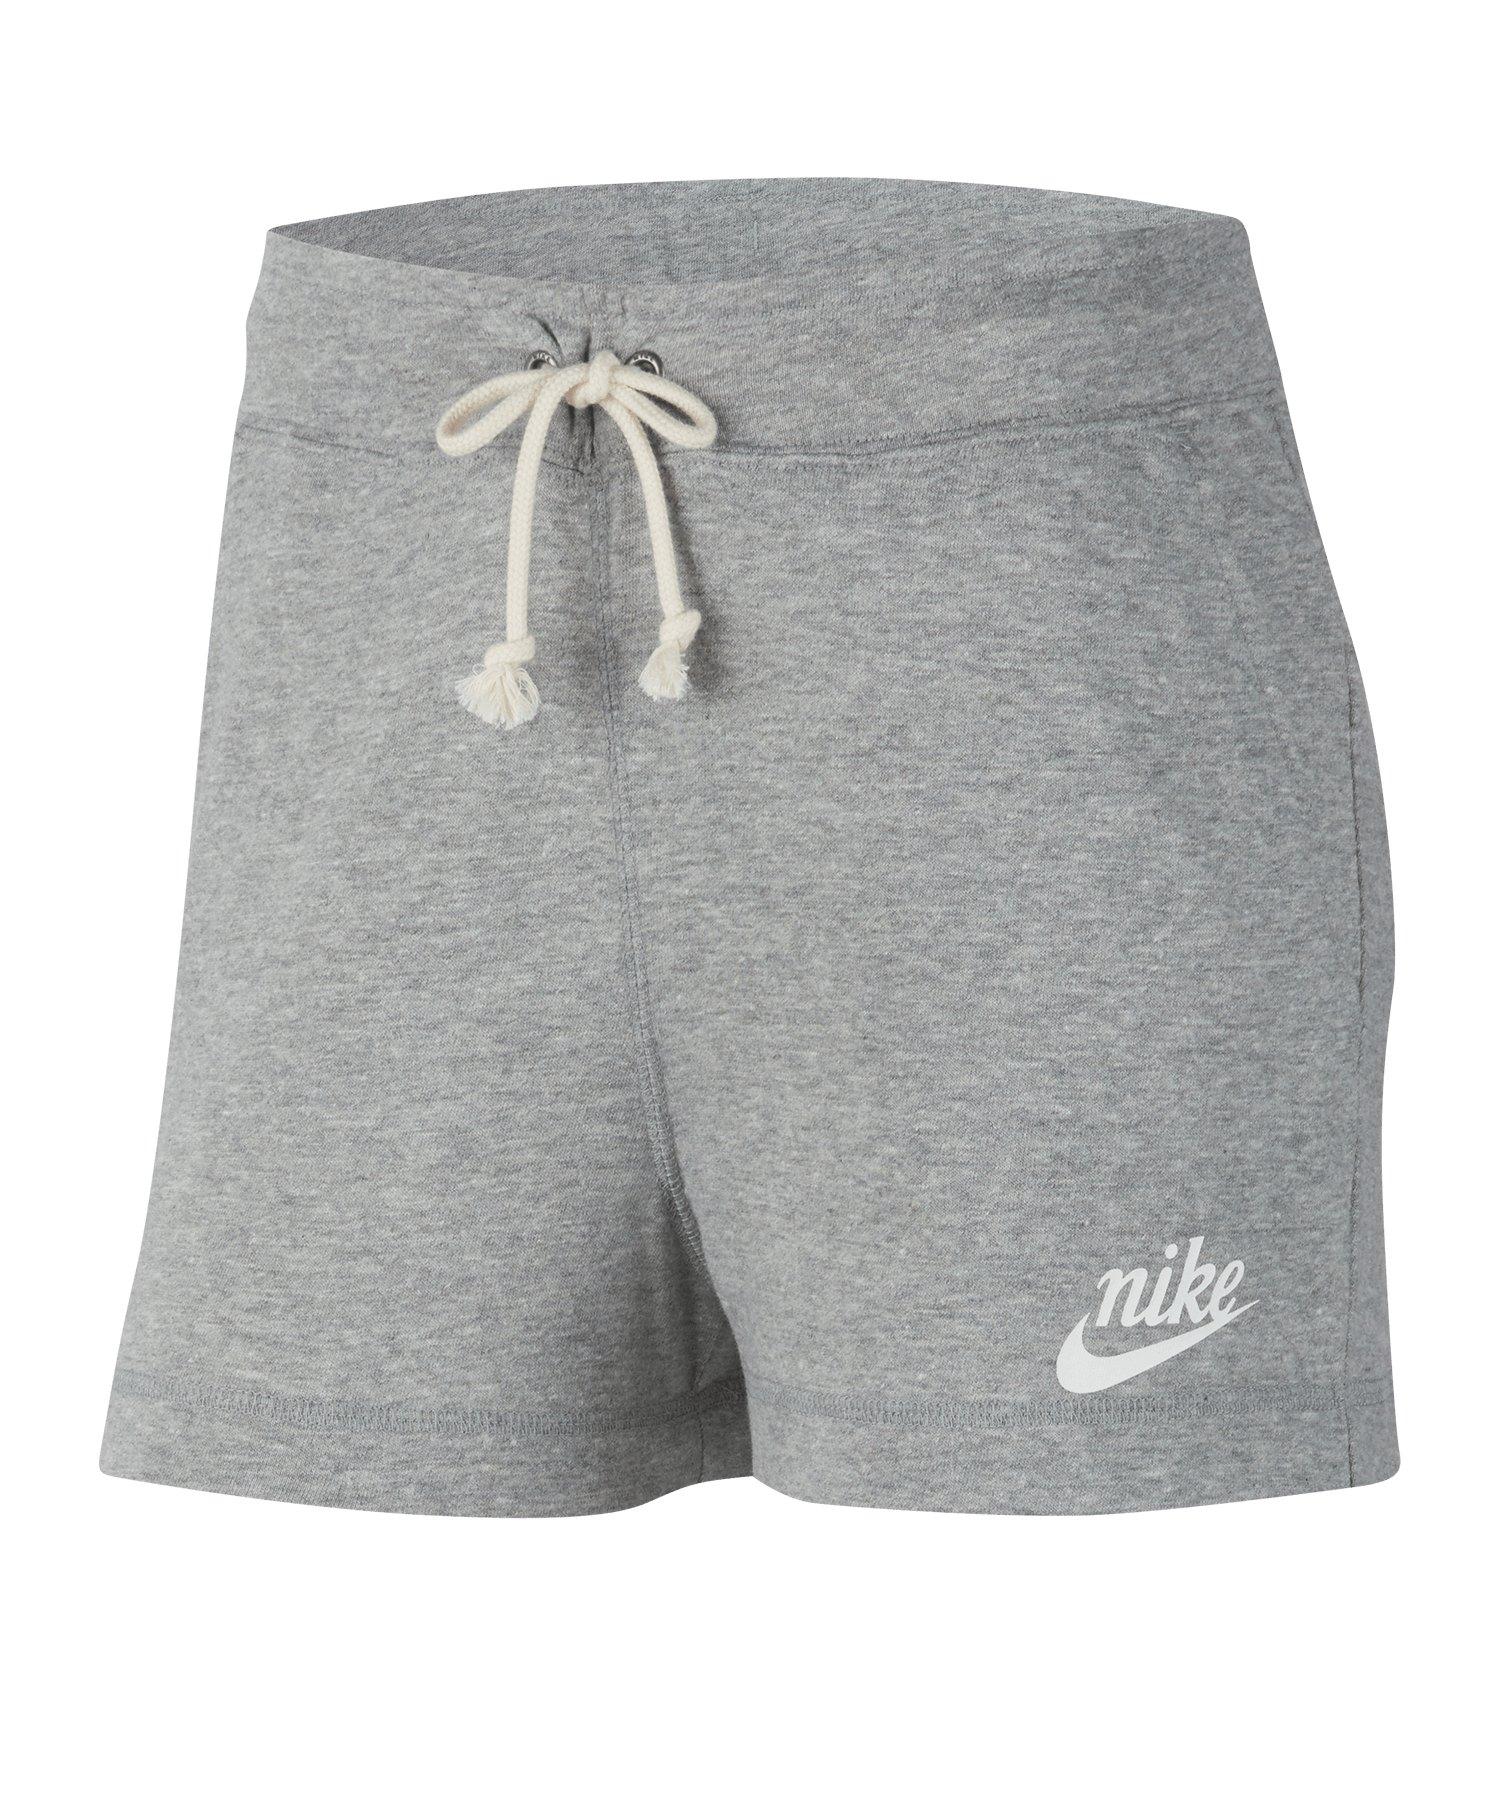 Nike Gym Vintage Short Damen Grau F063 - grau